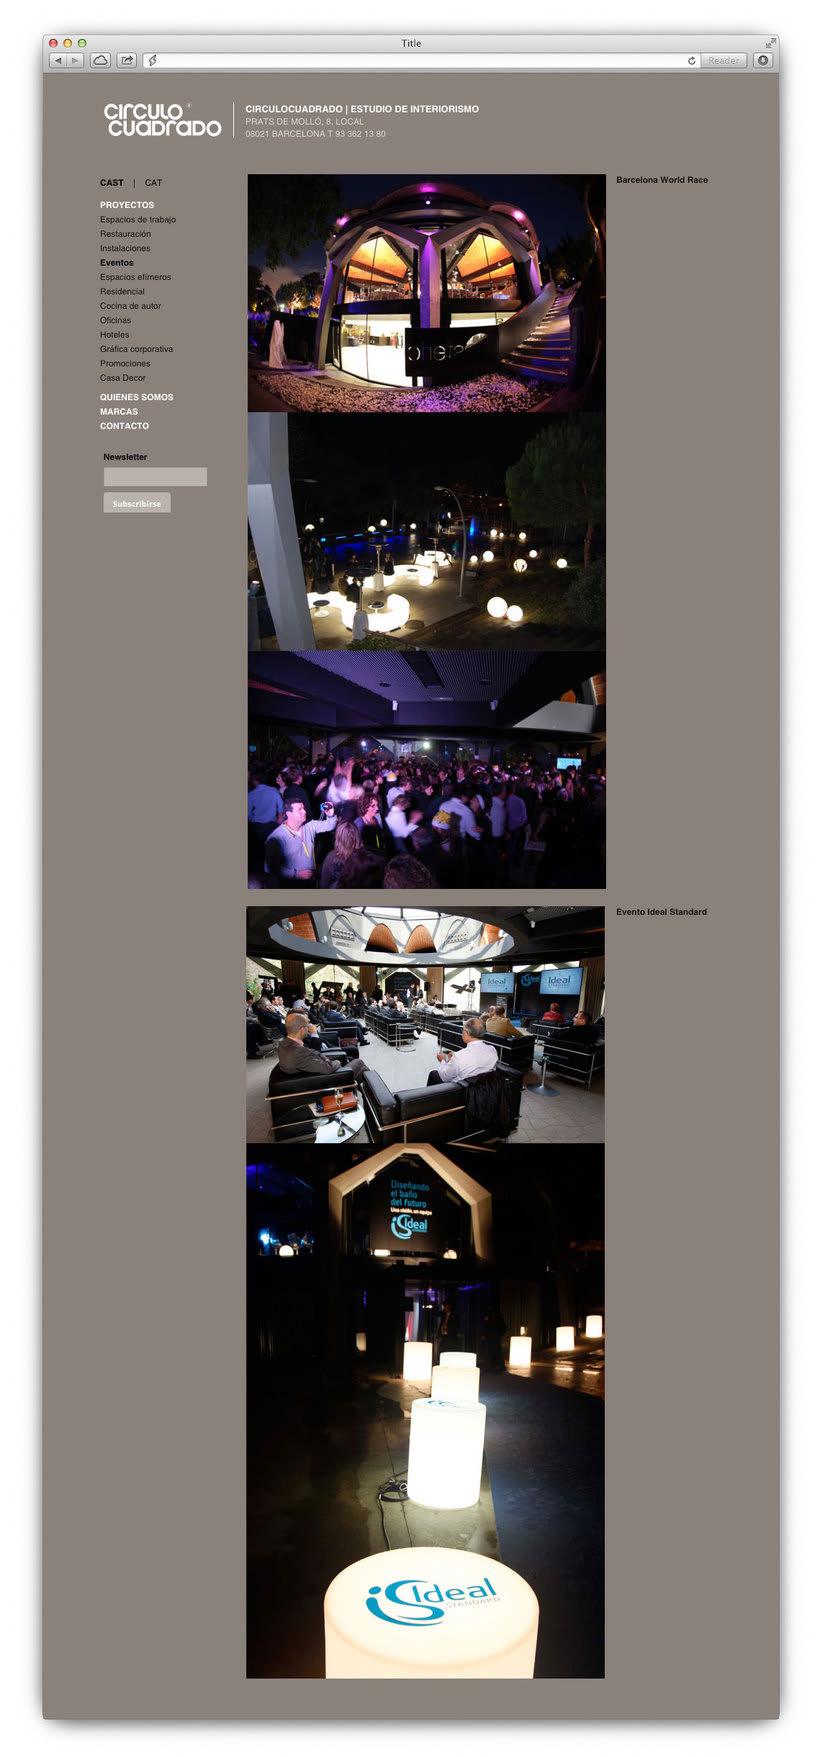 Anuncios en prensa, flyers, actualización web, SEO y marketing digital - CIRCULOCUADRADO 3